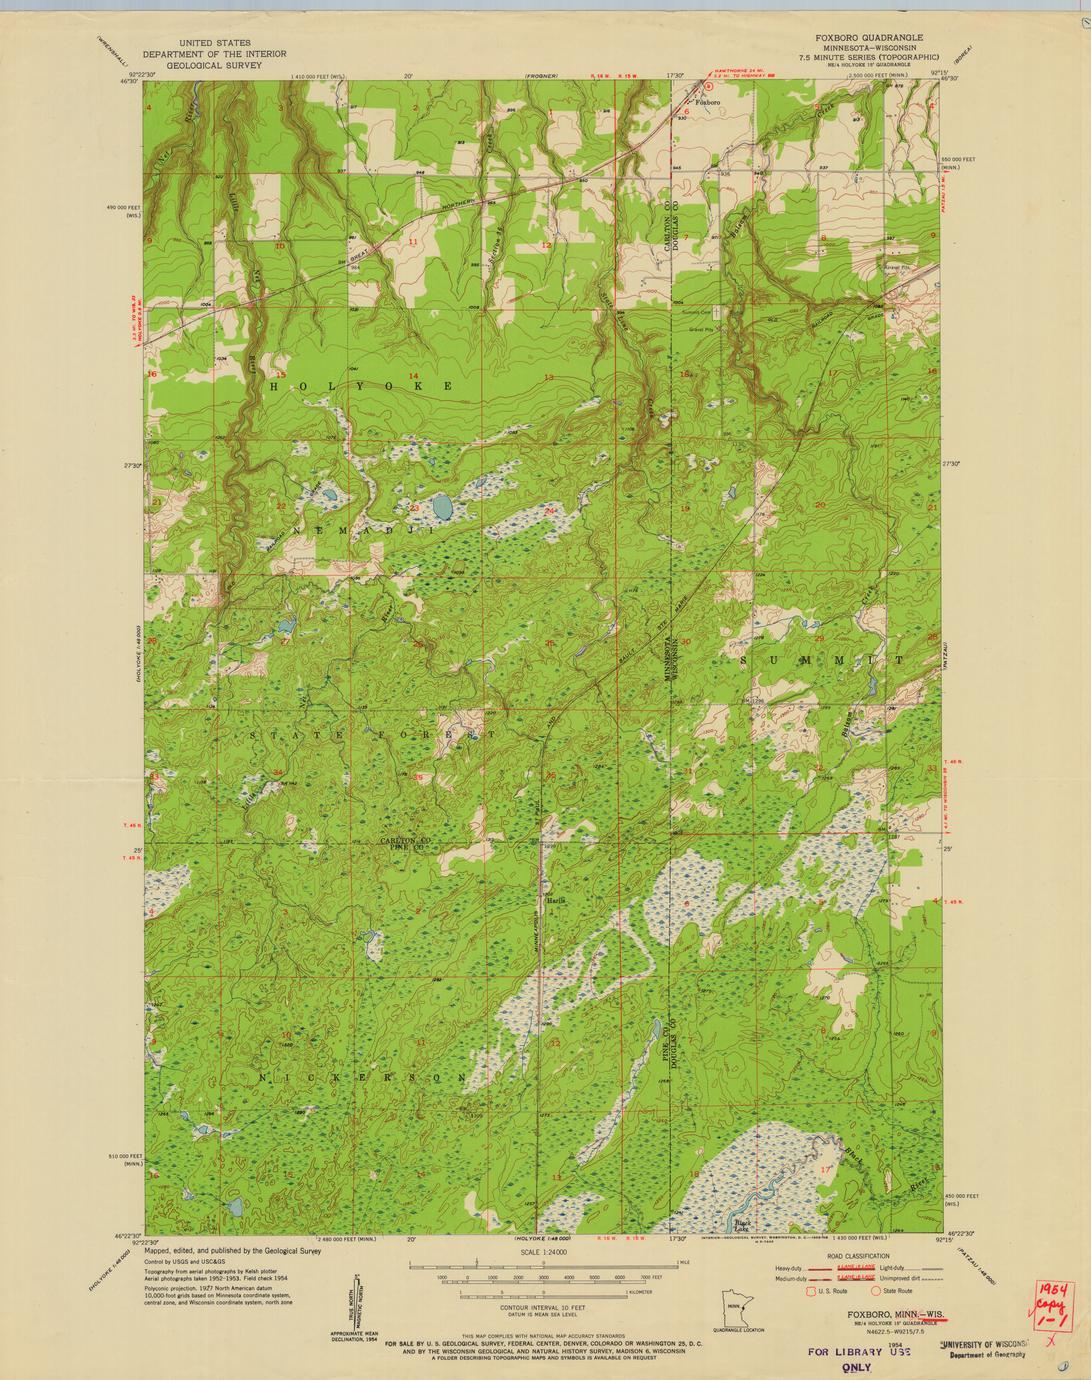 Foxboro quadrangle